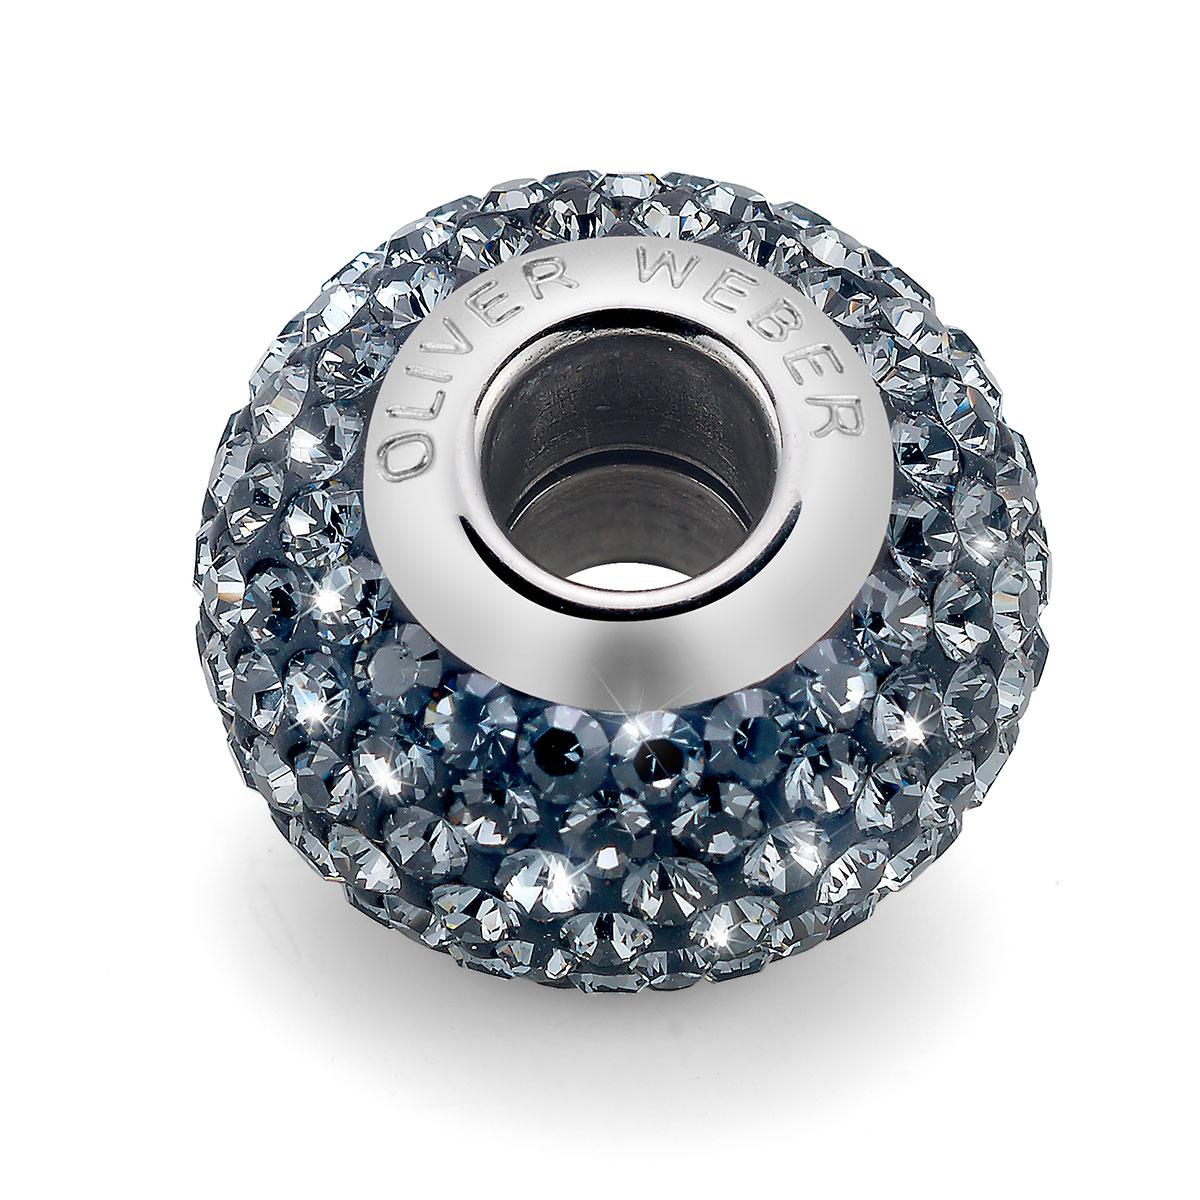 مهره دستبند استیل و کریستال مدل شاین مشکی